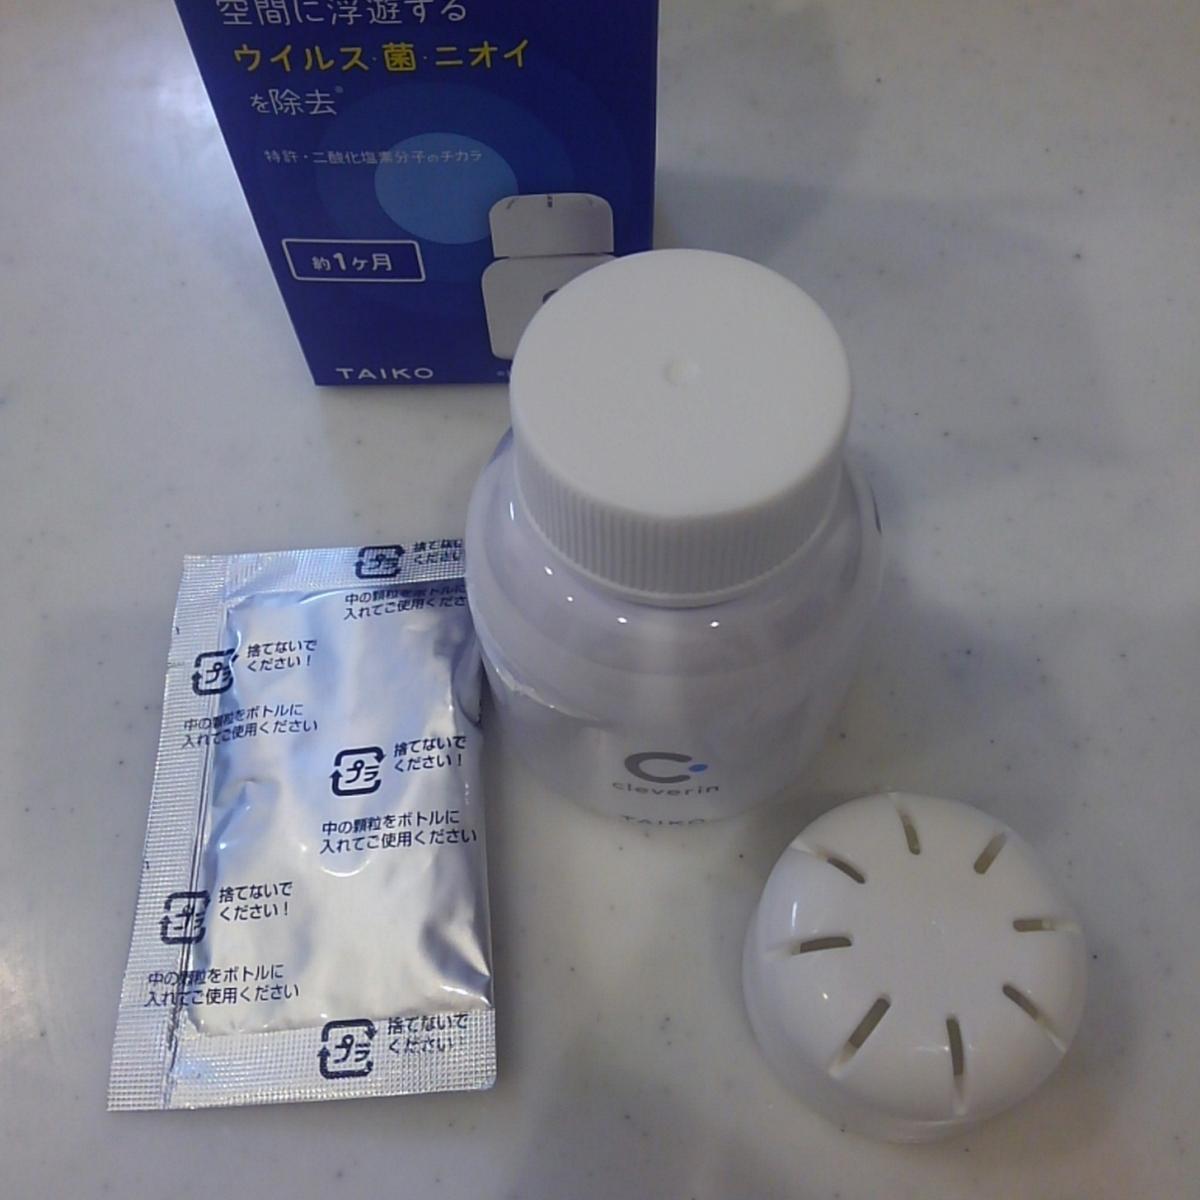 クレベリン ウィルス対策